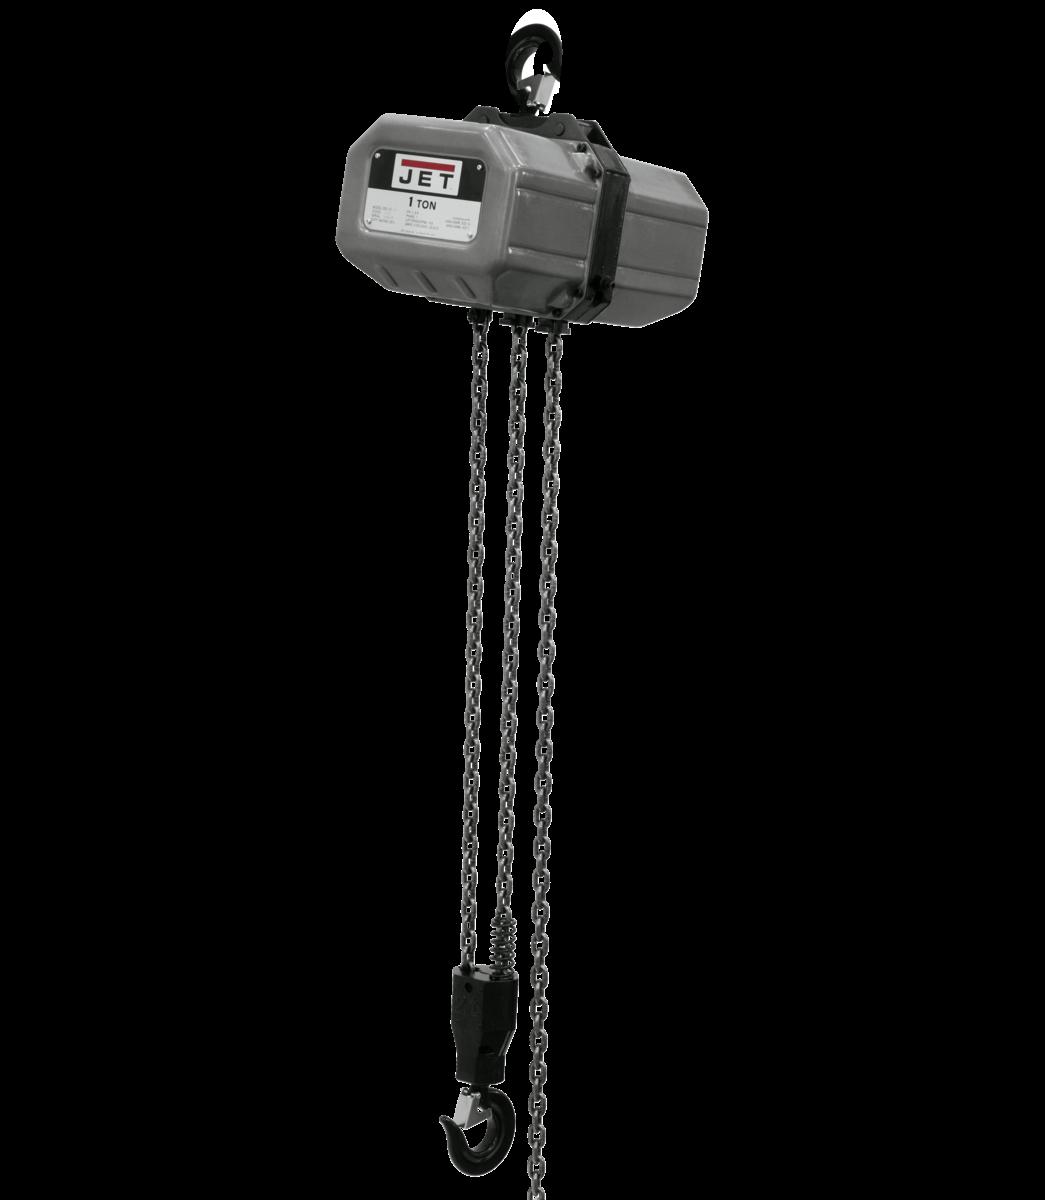 1SS-1C-20, 1 tonelada, monofásico, elevación de 20', 115/230 V, 230 V precableado